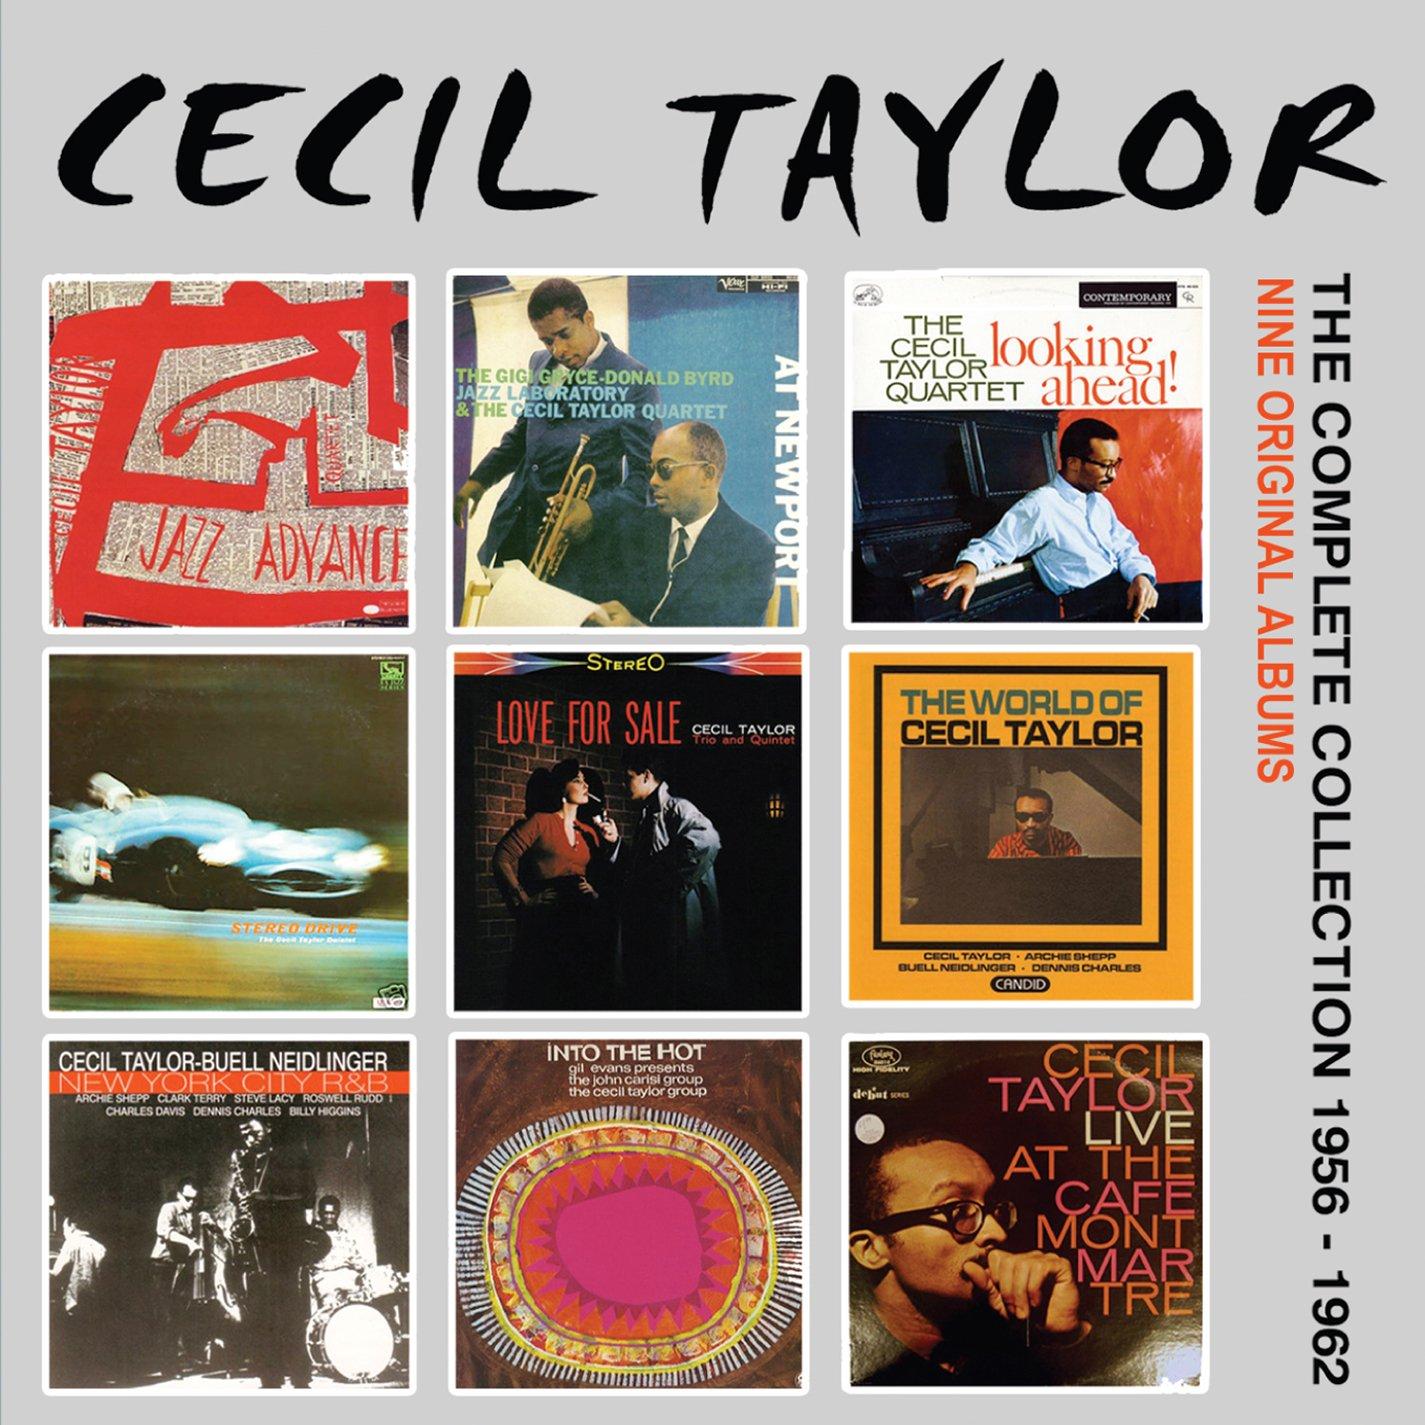 Cecil Taylor Garden Cd Garden Ftempo